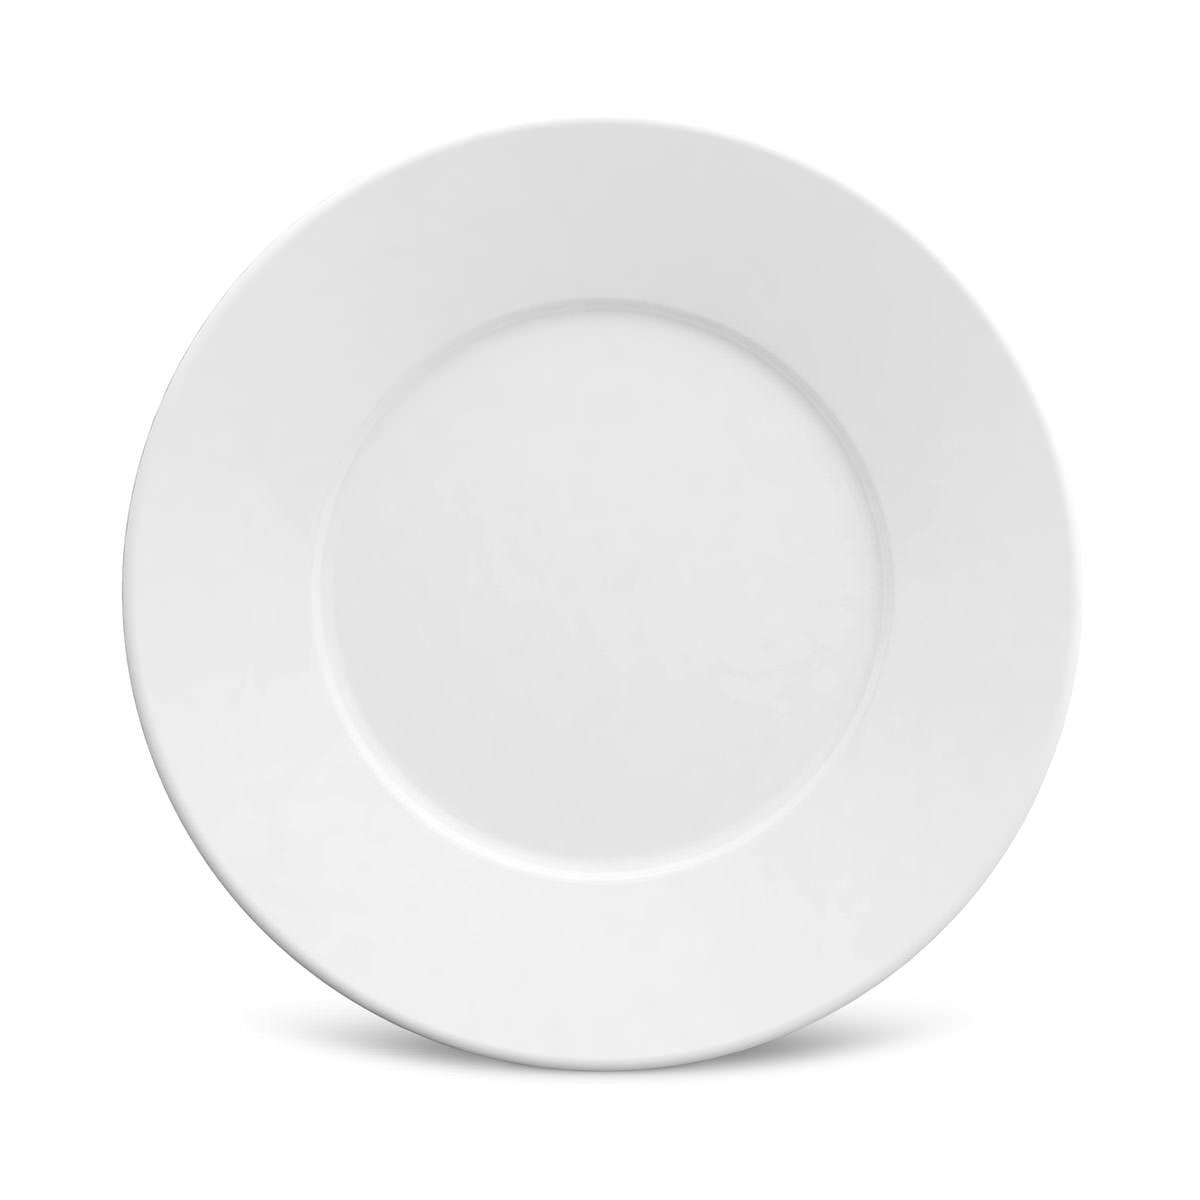 Prato Sobremesa 01 Peça Mônaco Branco Liso 20,5 cm Porto Brasil